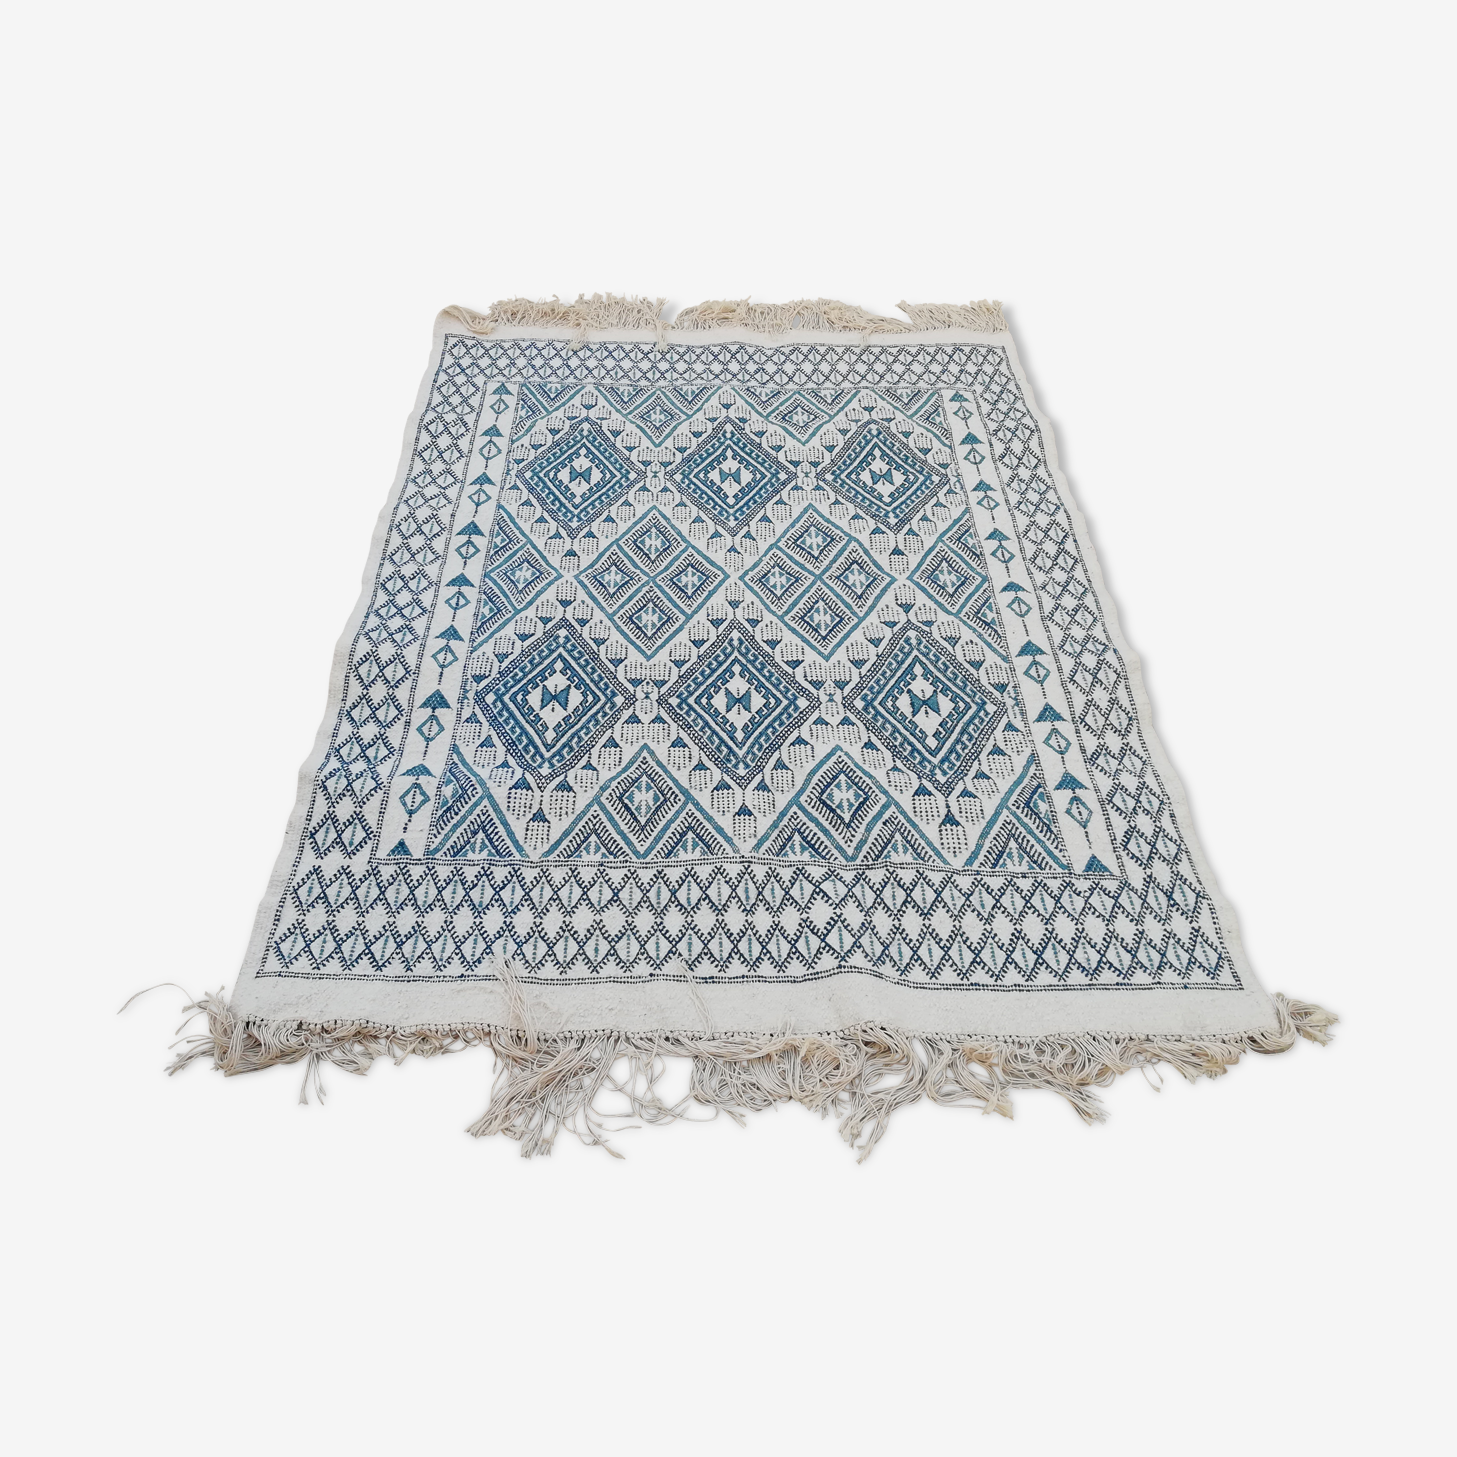 Tapis bleu, tapis blanc, tapis berbère, tapis en laine, tapis marocain